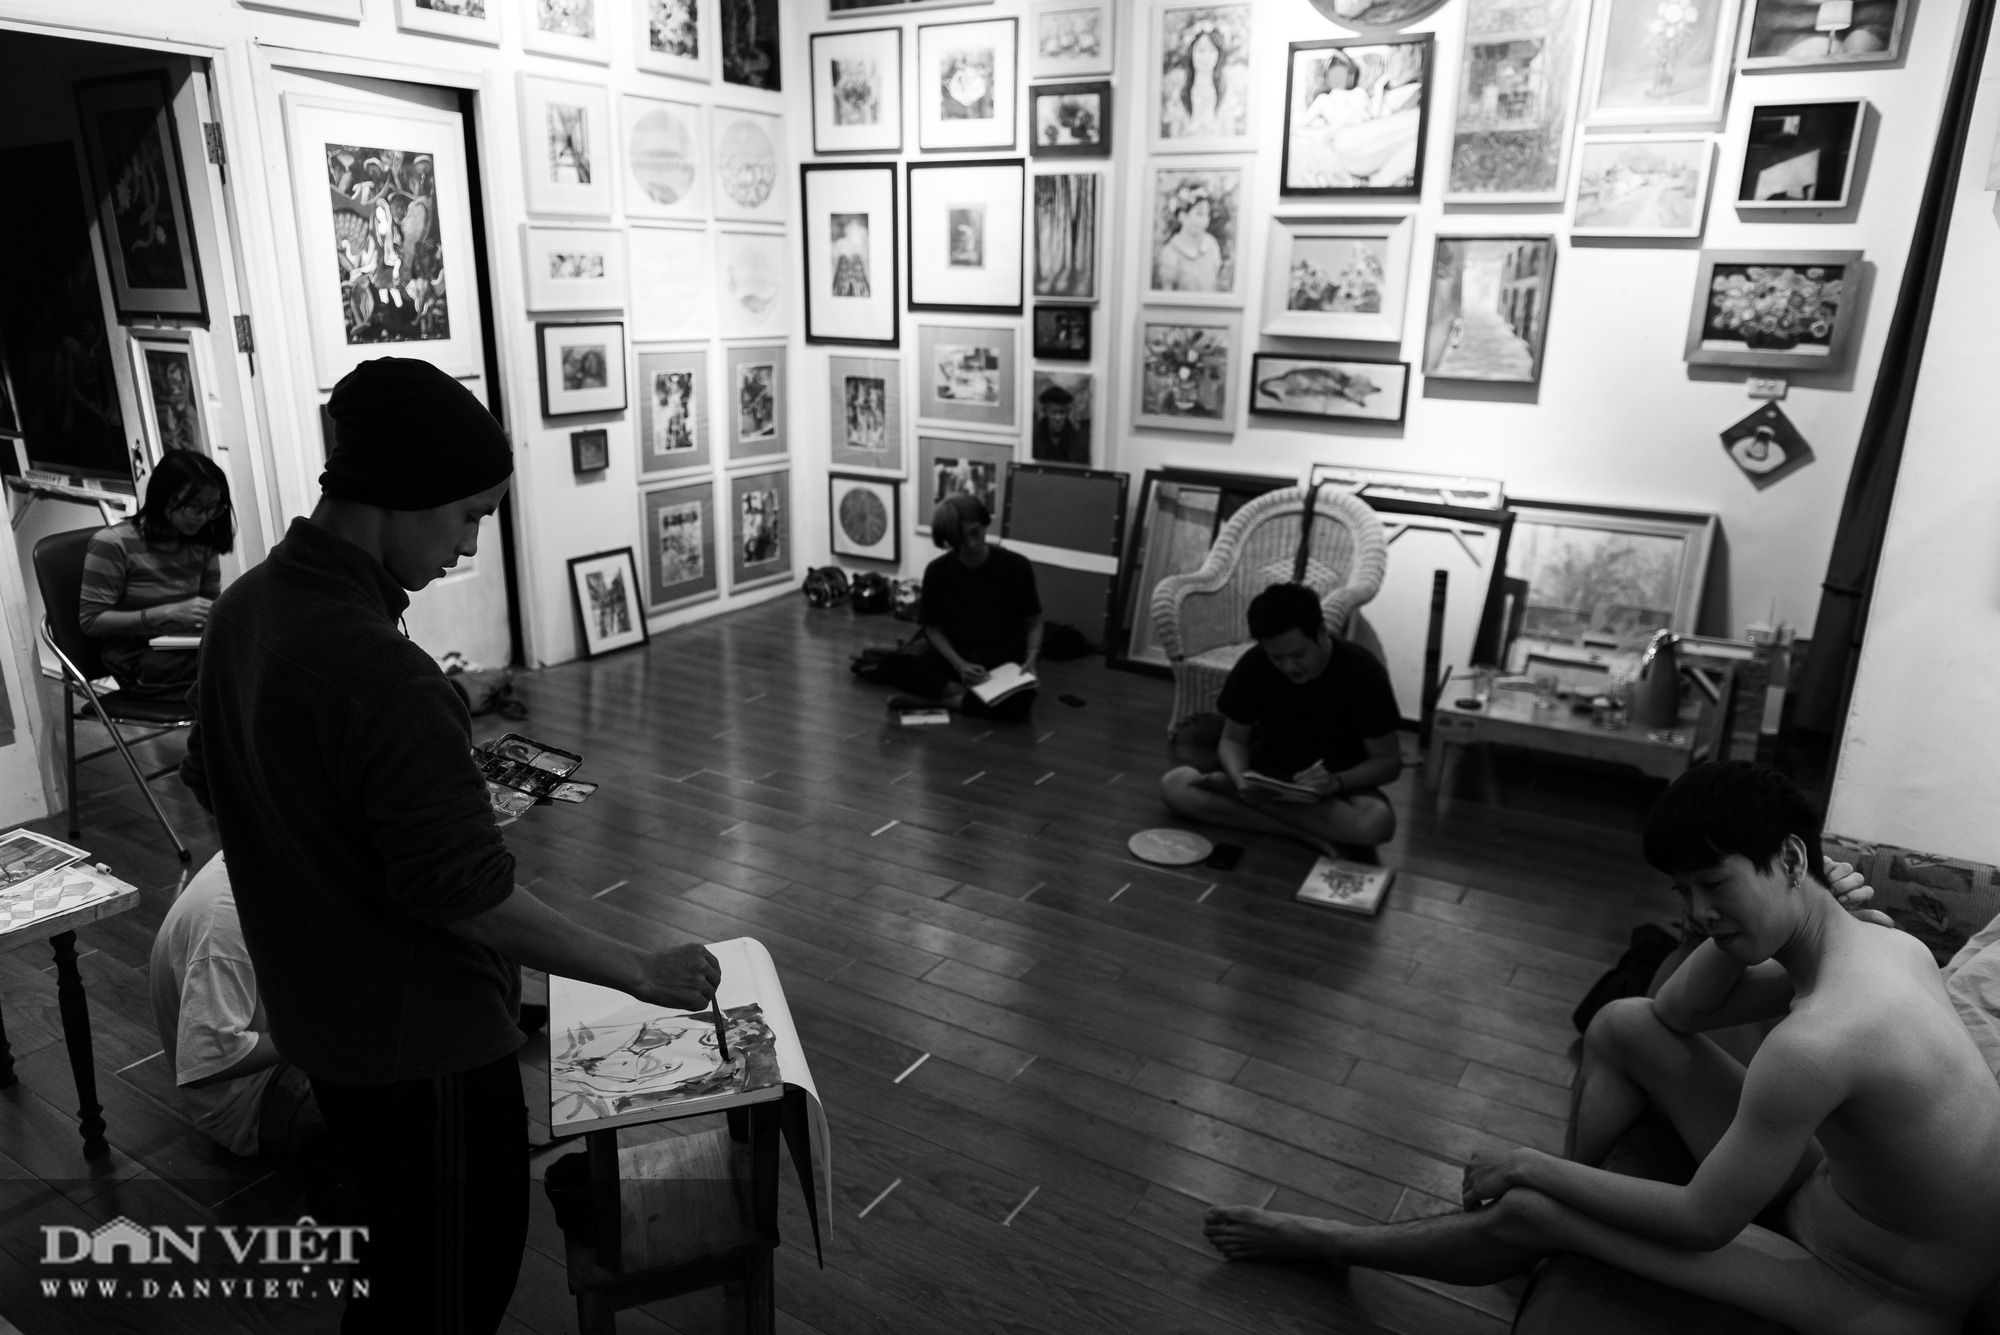 Vẽ tranh khỏa thân: Khi tình yêu nghệ thuật vượt trên nhục cảm thông thường - Ảnh 2.